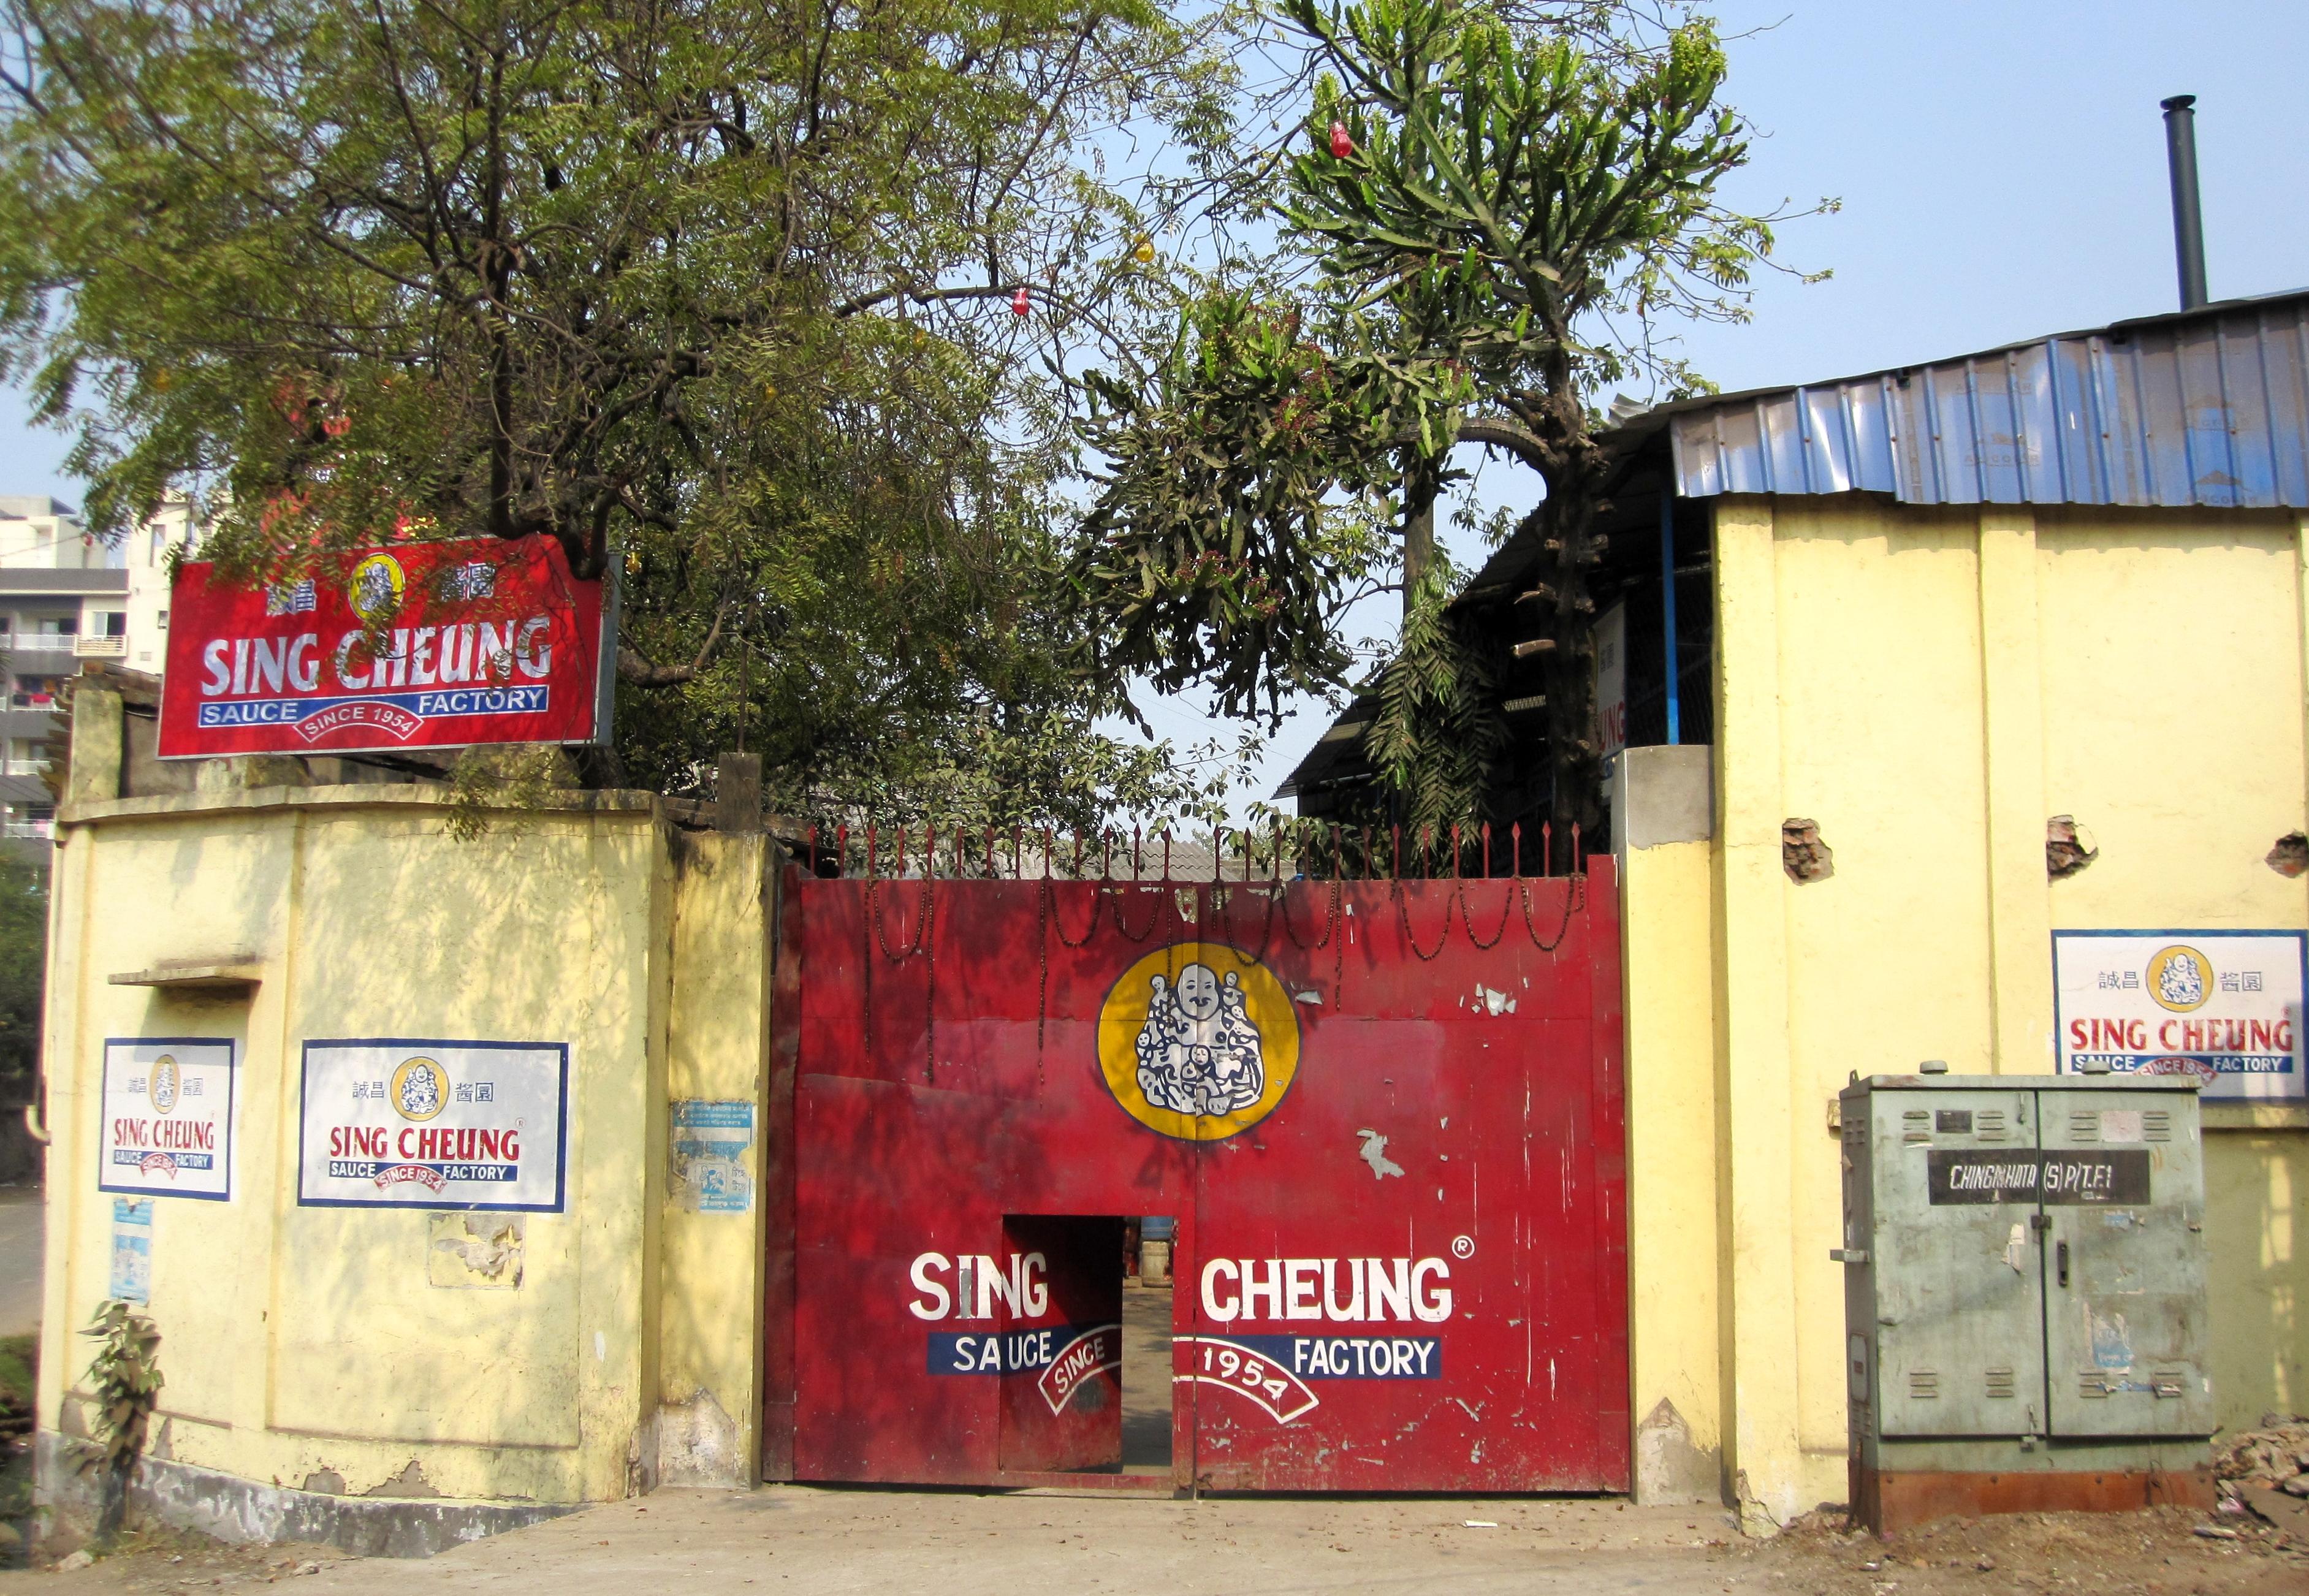 Sing Cheung soja fabriken i Tangra. ©Zac O'Yeah